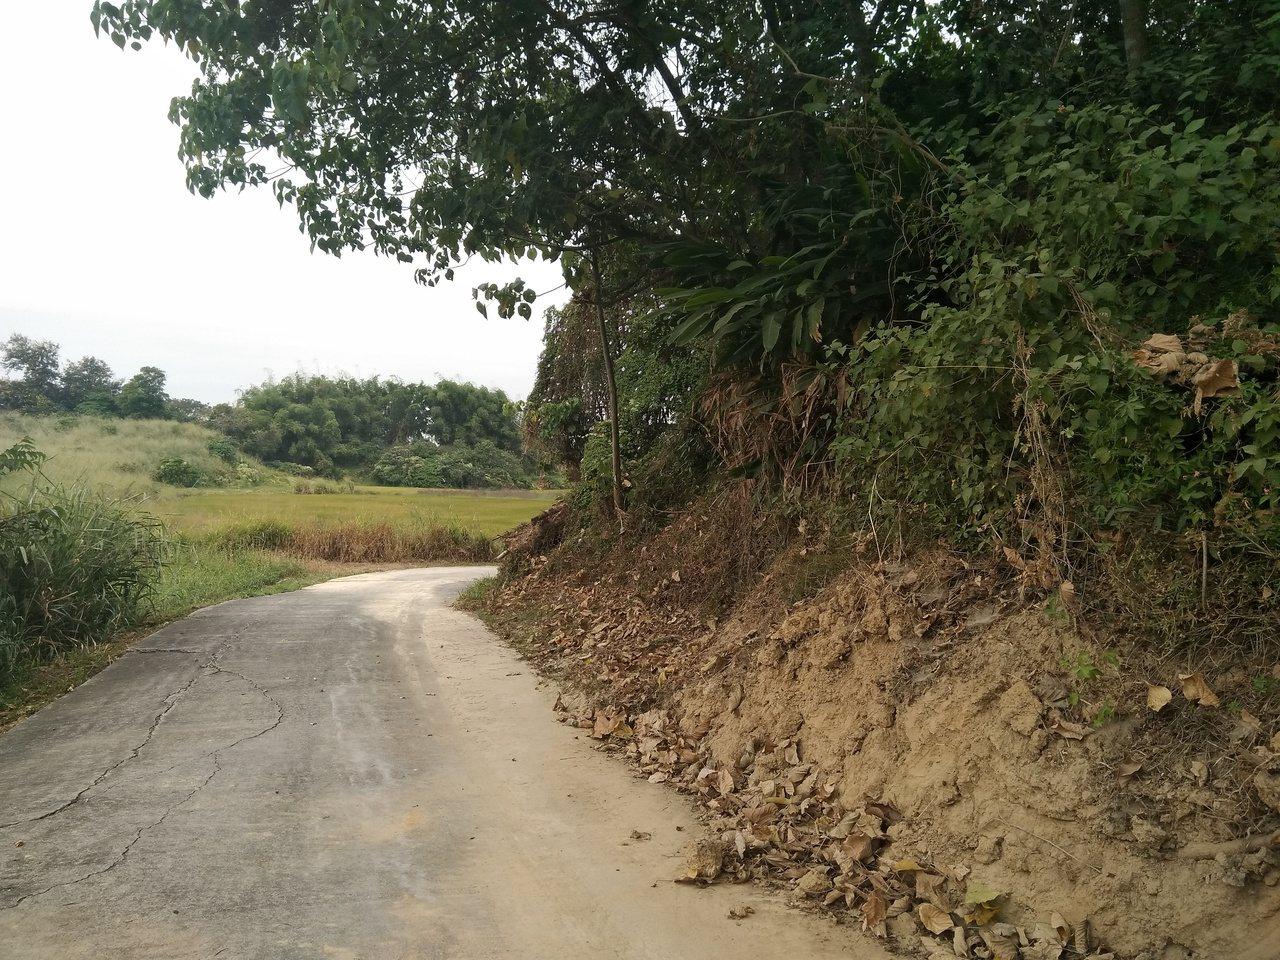 嘉義縣民雄森林公園目前因缺乏經費,雖然已經稍微整治過,但路面及攀爬在樹上的小花蔓...